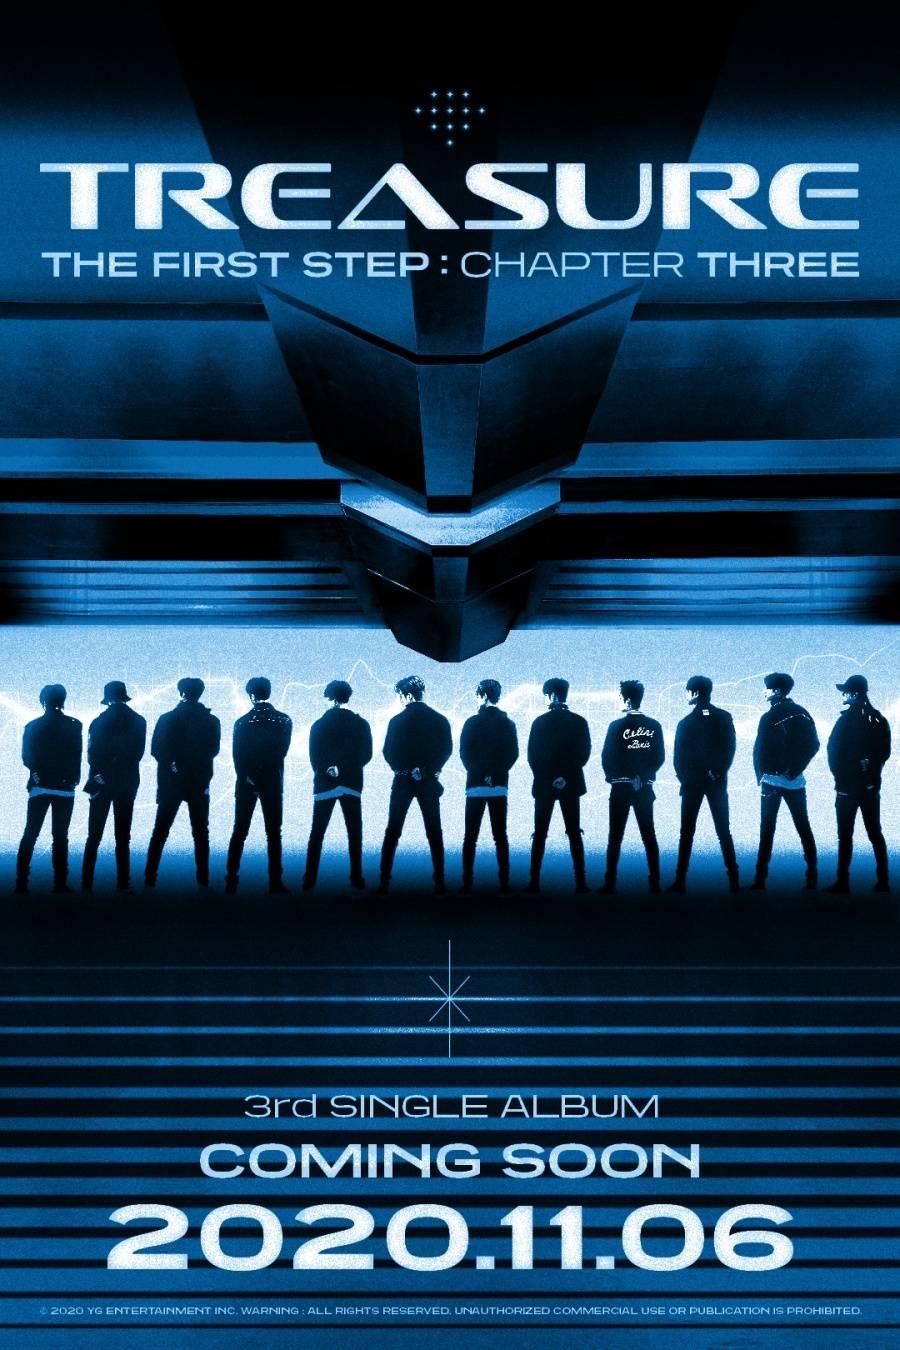 6일(금), 트레저 싱글 앨범 3집 'THE FIRST STEP : CHAPTER THREE (타이틀 곡:음 (MMM))' 발매   인스티즈